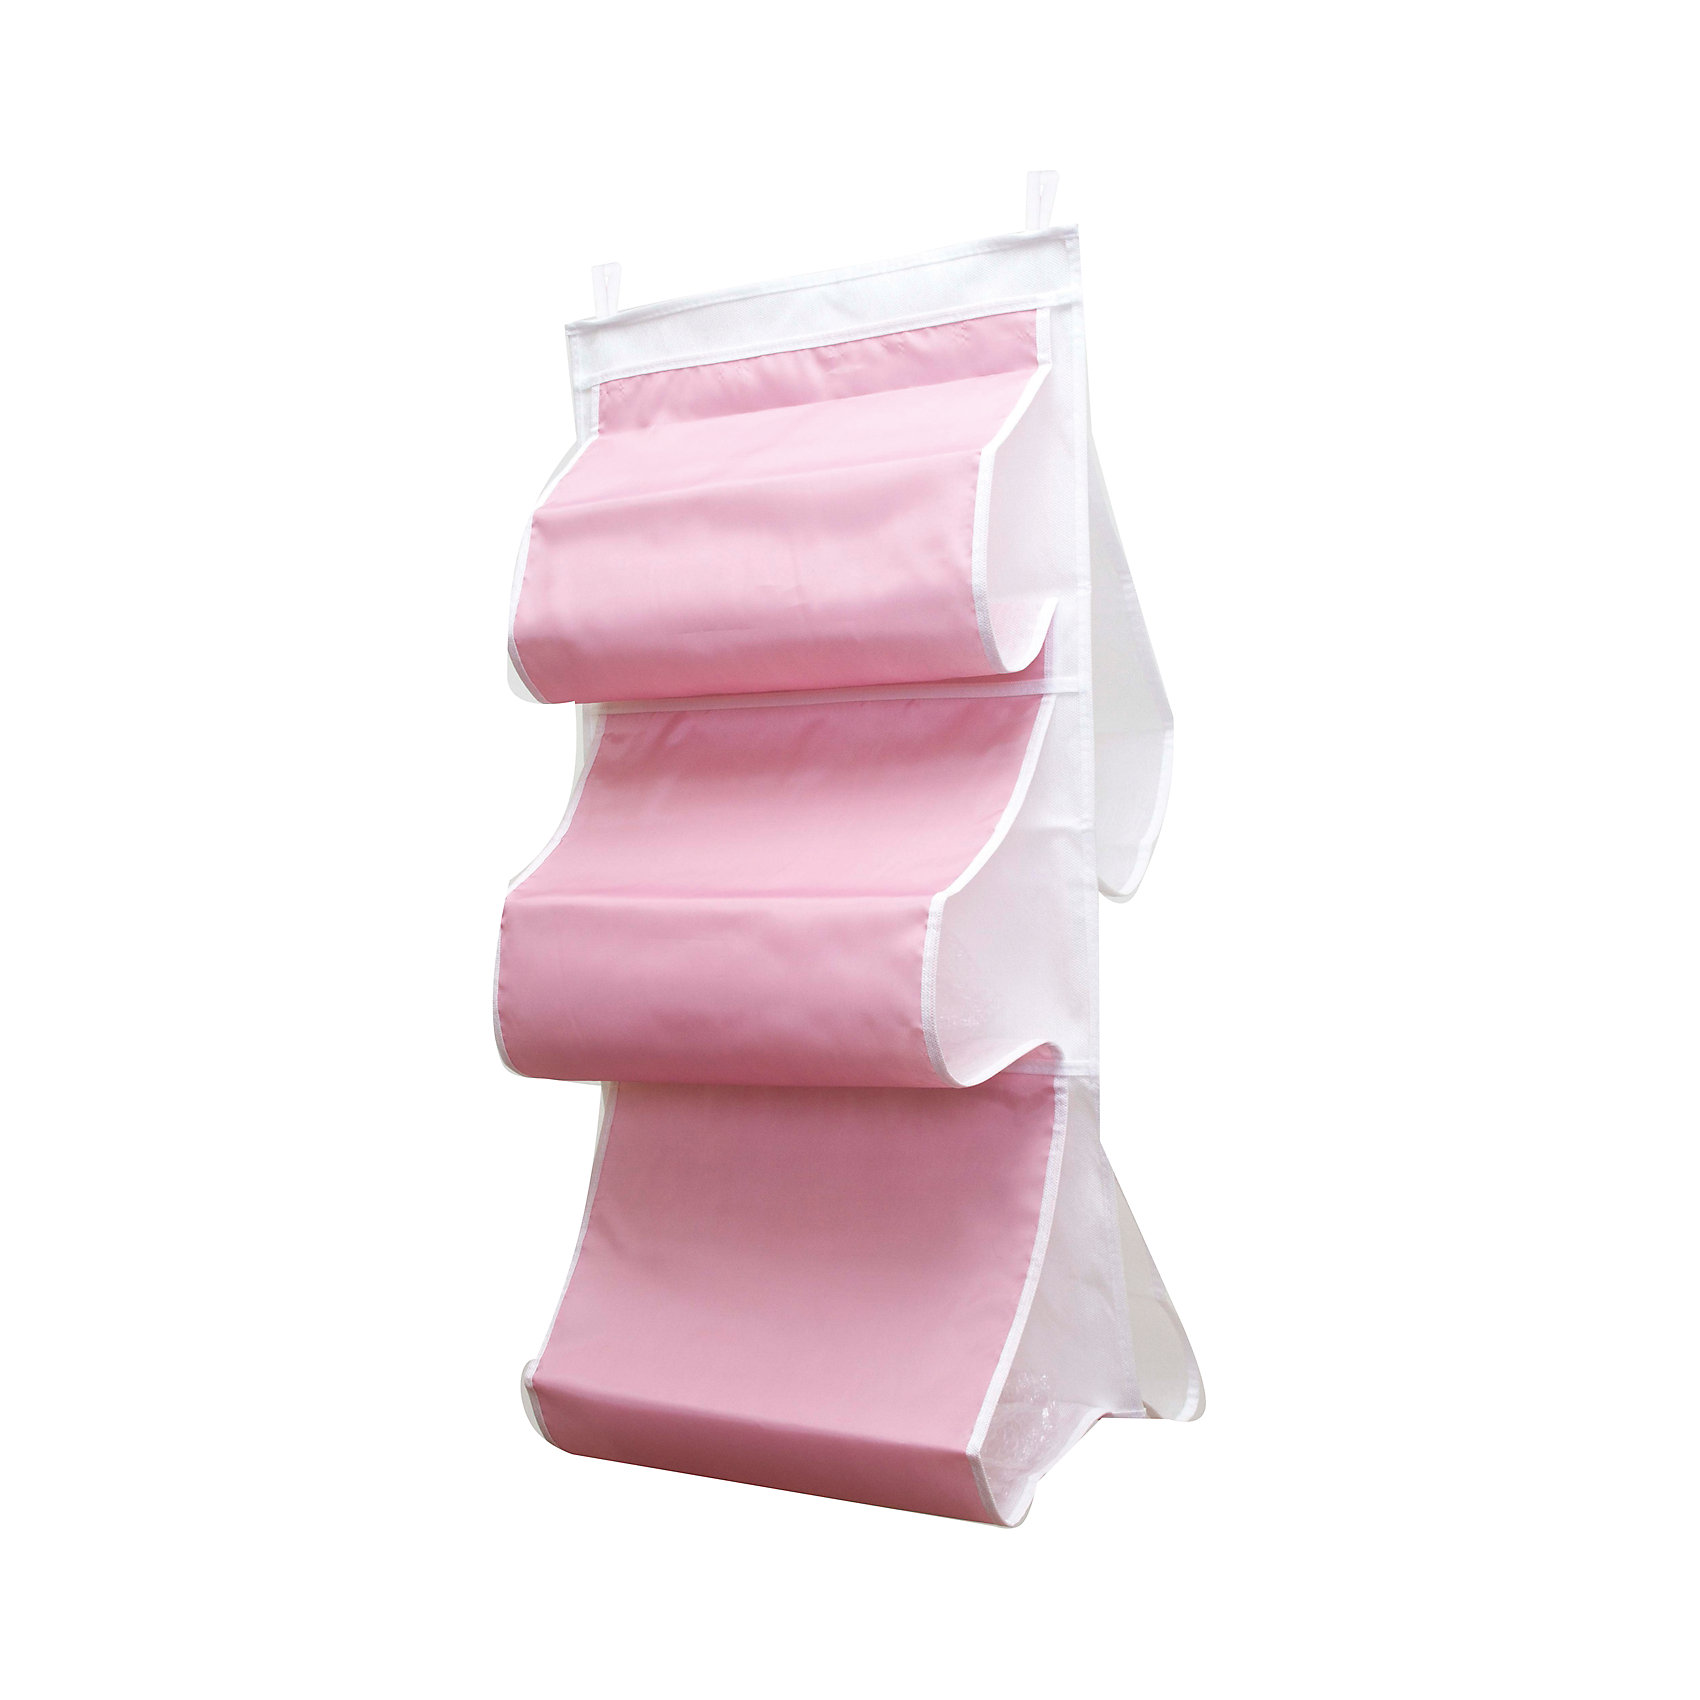 Органайзер для сумок в шкаф Capri, HomsuПорядок в детской<br>Характеристики товара:<br><br>• цвет: розовый<br>• материал: полиэстер<br>• размер: 70х40х2 см.<br>• вес: 300 гр.<br>• застежка: молния<br>• крепление: крючок<br>• ручка для переноски<br>• вместимость: 5 отделений<br>• страна бренда: Россия<br>• страна изготовитель: Китай<br><br>Органайзер для сумок в шкаф Capri, Homsu (Хомсу) - очень удобная вещь для хранения вещей и эргономичной организации пространства.<br><br>Он состоит из пяти отделений, легко крепится на стену, дверь или внутрь шкафов.<br><br>Органайзер для сумок в шкаф Capri, Homsu можно купить в нашем интернет-магазине.<br><br>Ширина мм: 450<br>Глубина мм: 300<br>Высота мм: 20<br>Вес г: 300<br>Возраст от месяцев: 216<br>Возраст до месяцев: 1188<br>Пол: Унисекс<br>Возраст: Детский<br>SKU: 5620211